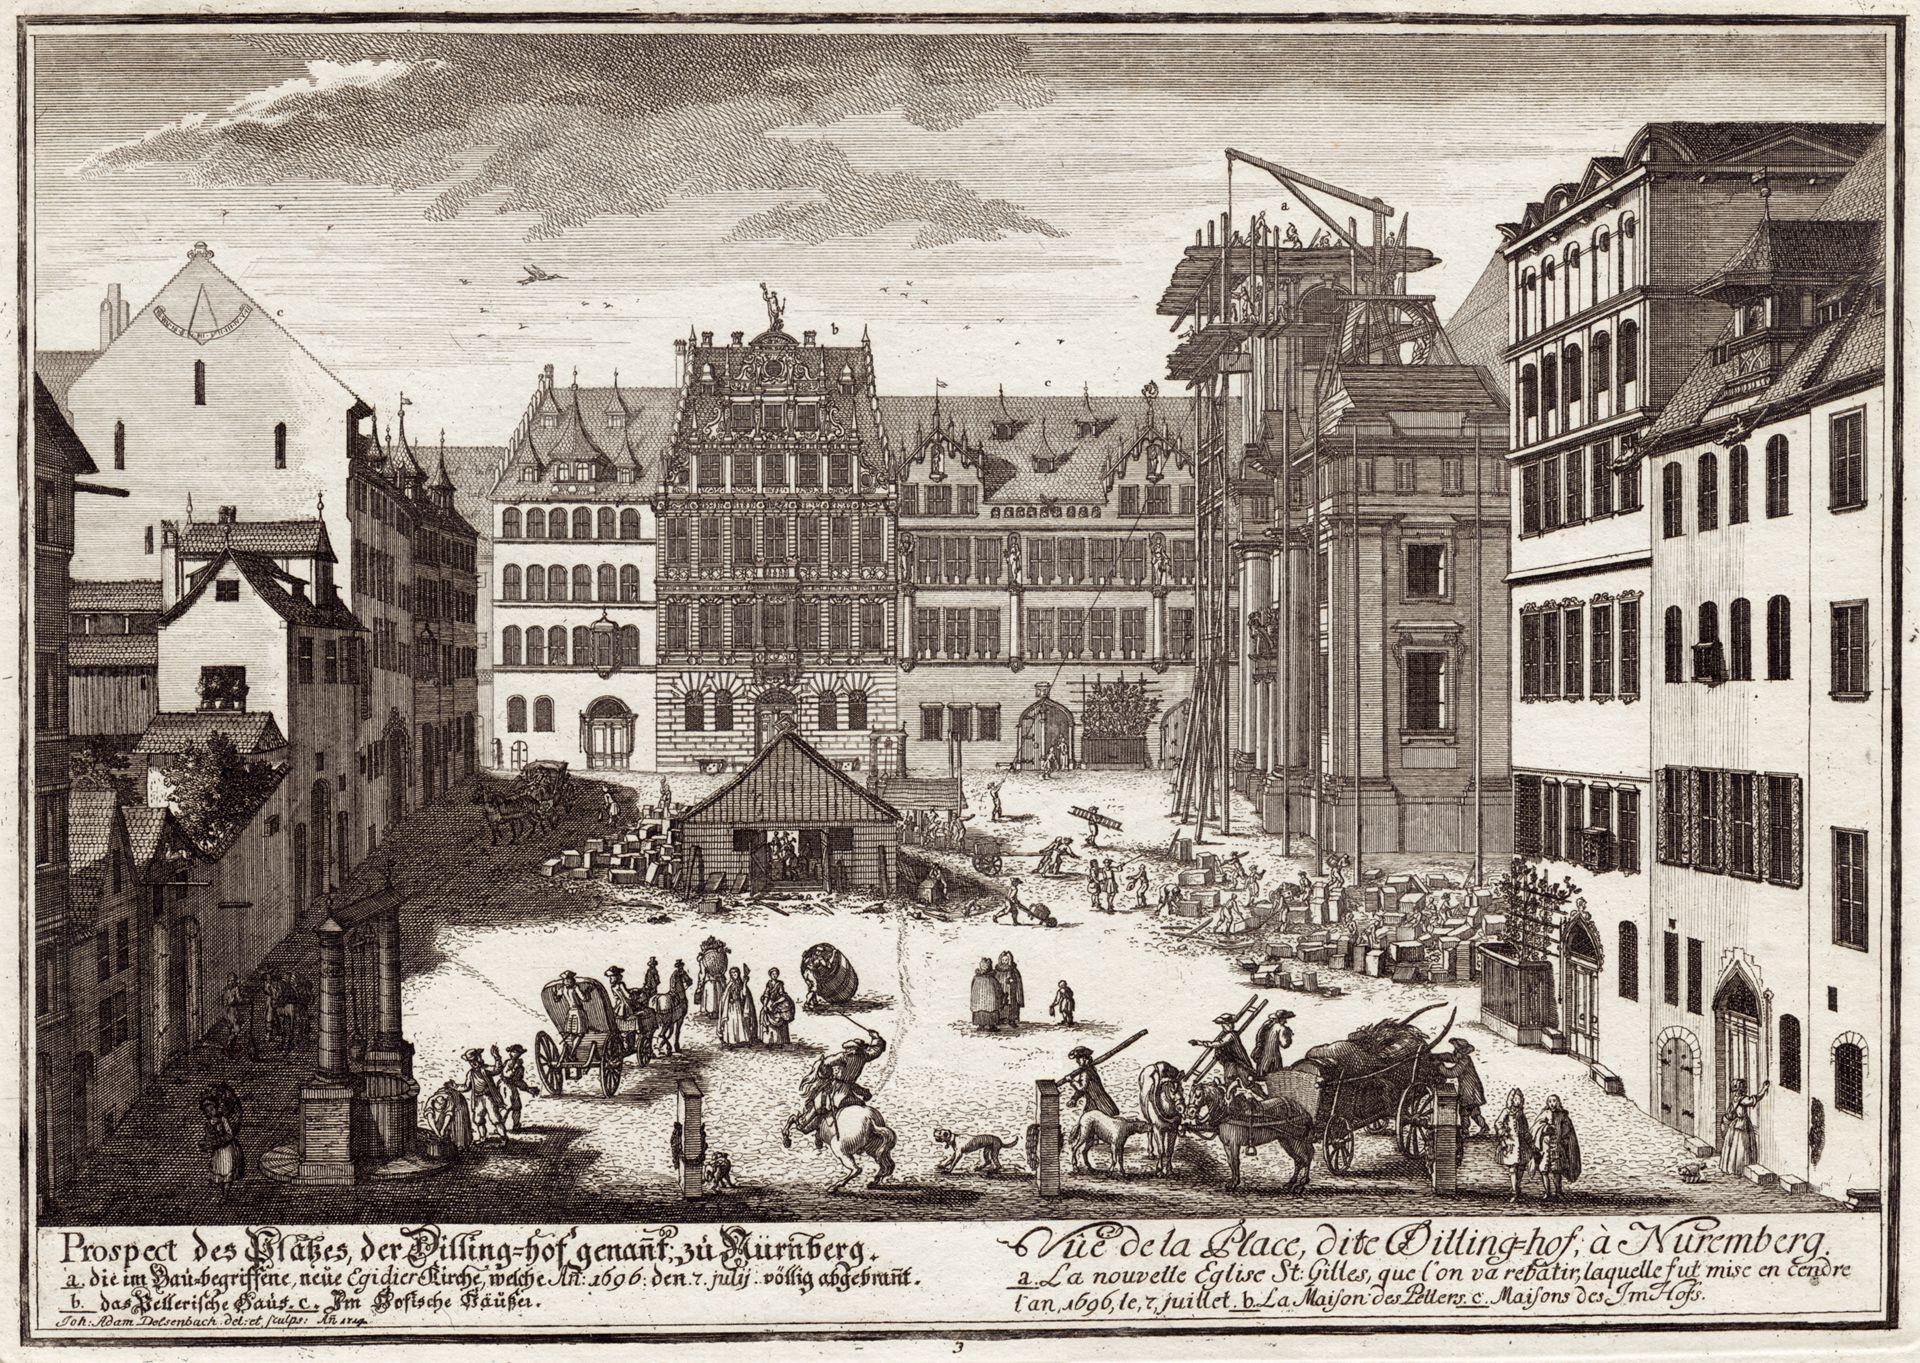 Prospect des Platzes der Dilling-hof genannt zu Nürnberg Gesamtansicht